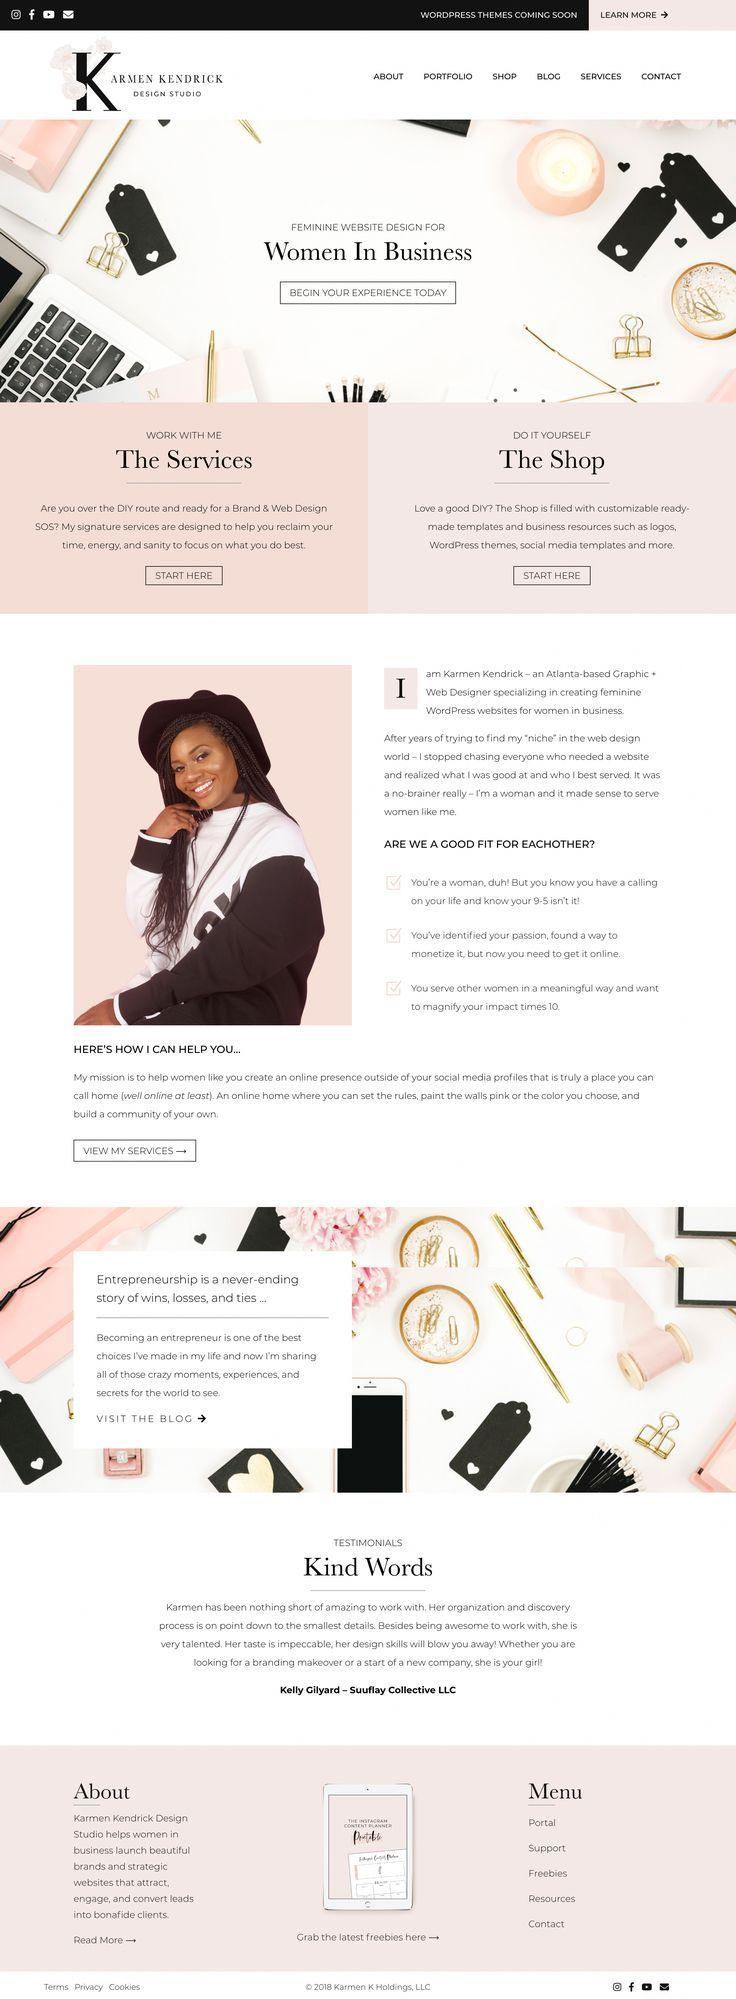 574 Best Web Design Inspo Images In 2019 Web Design Website Design Inspiration Web Design Insp Wordpress Website Design Web Design Tips Web Design Services